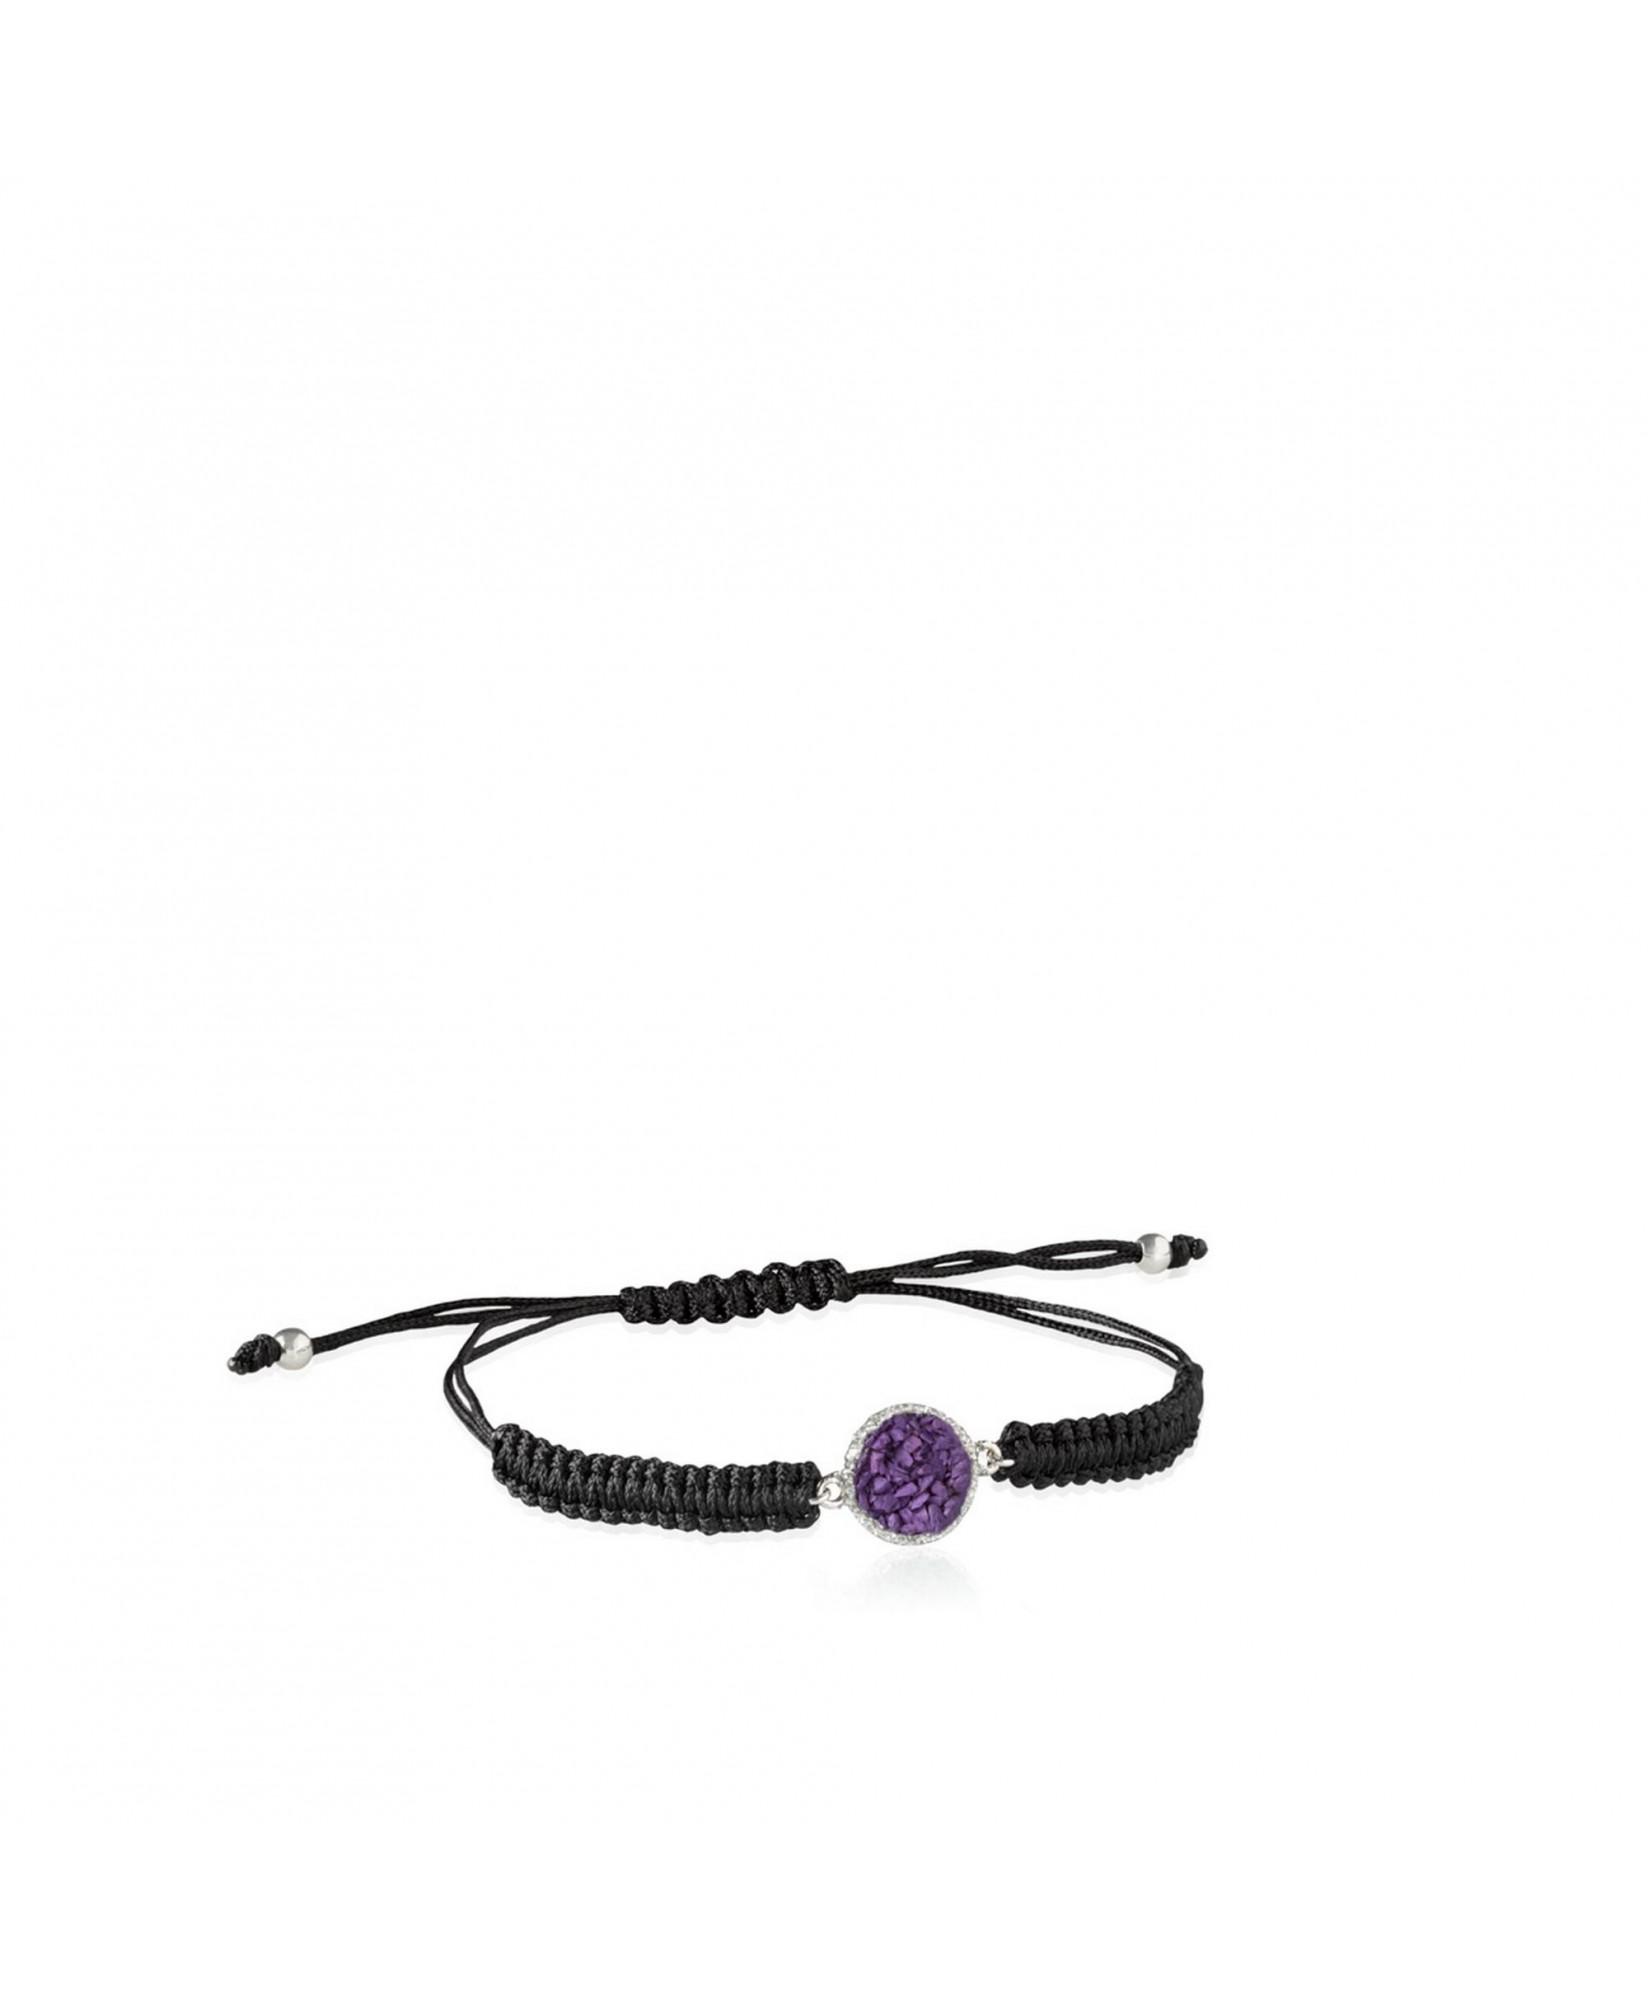 Pulsera cordón plata mujer Venus con nácar violeta